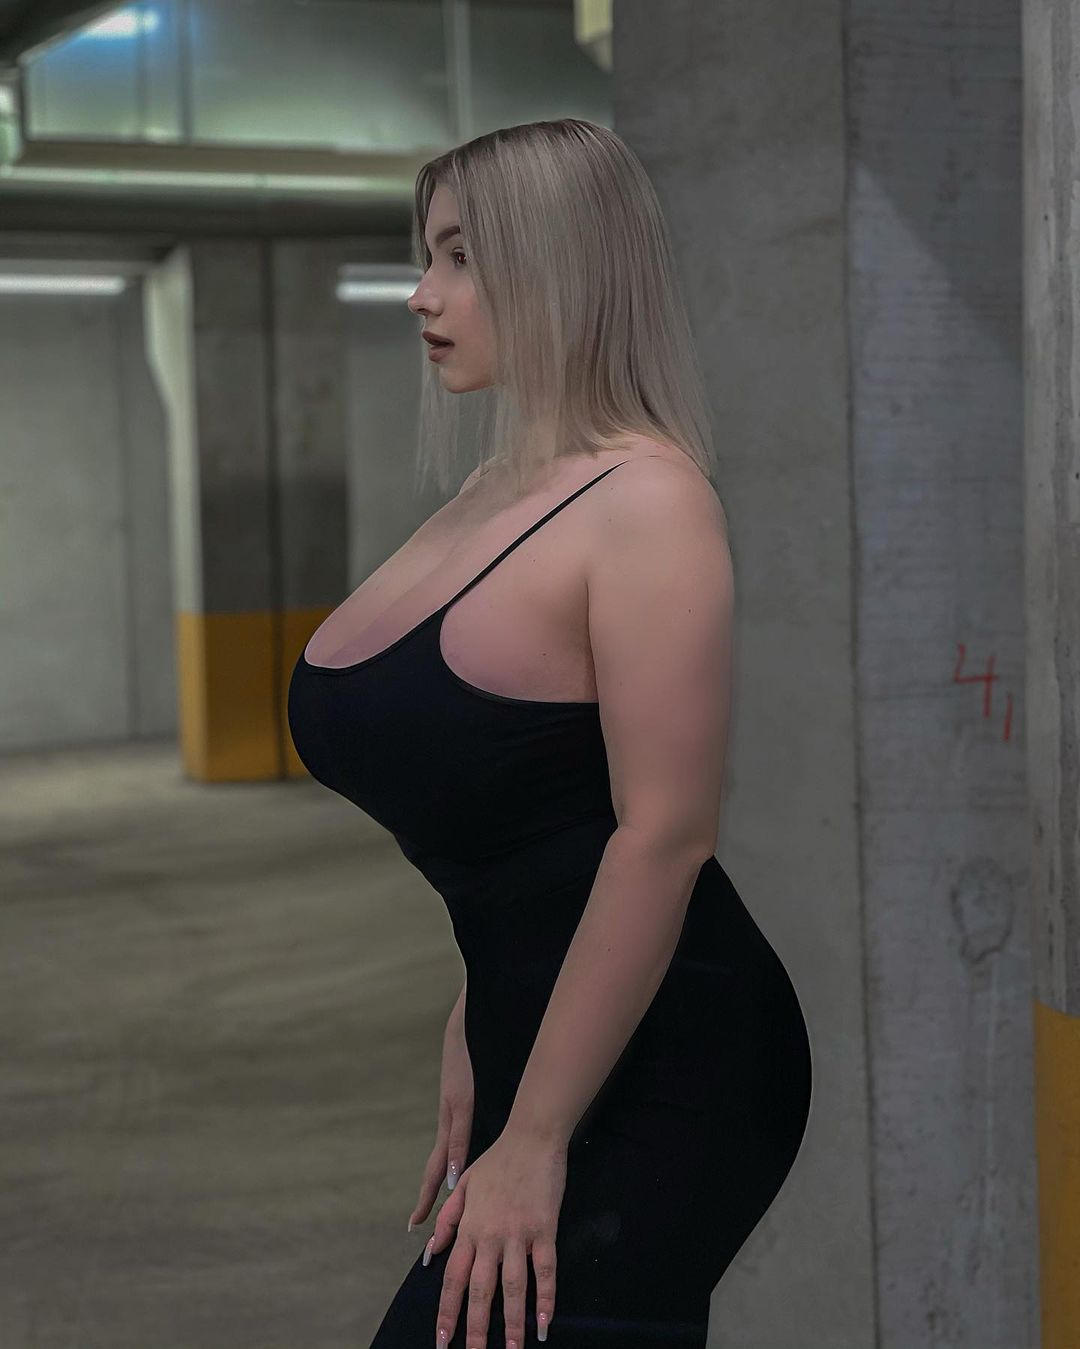 Прасковья Позднякова (Pasha Pozdniakova) - финская красотка с огромной грудью 22